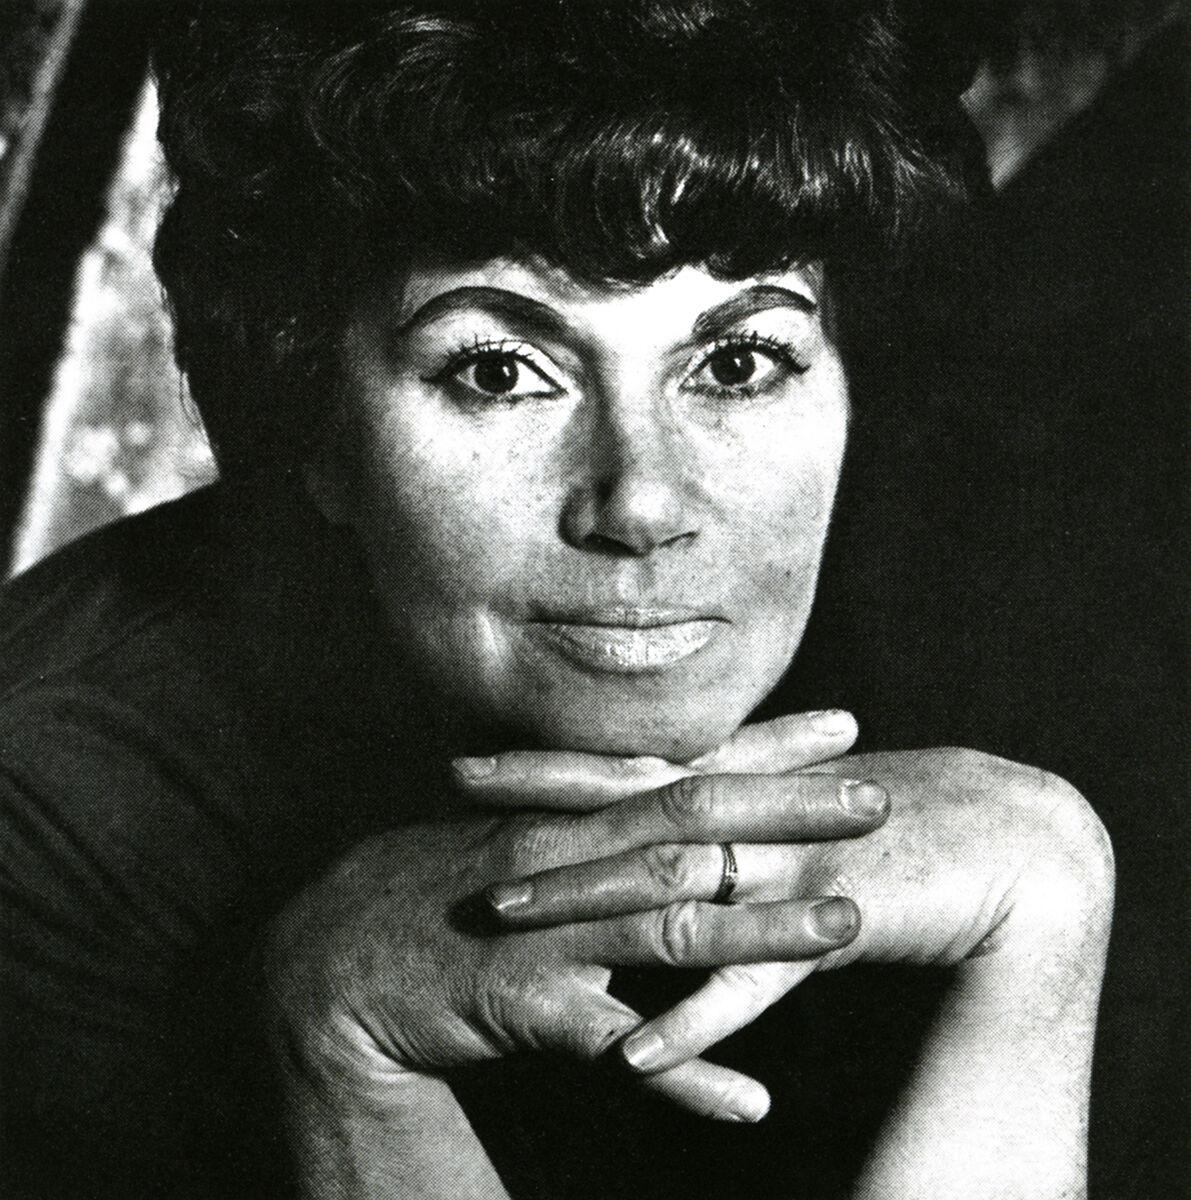 Mimi Jacobs, Jay DeFeo, 1976. © Mimi Jacobs.